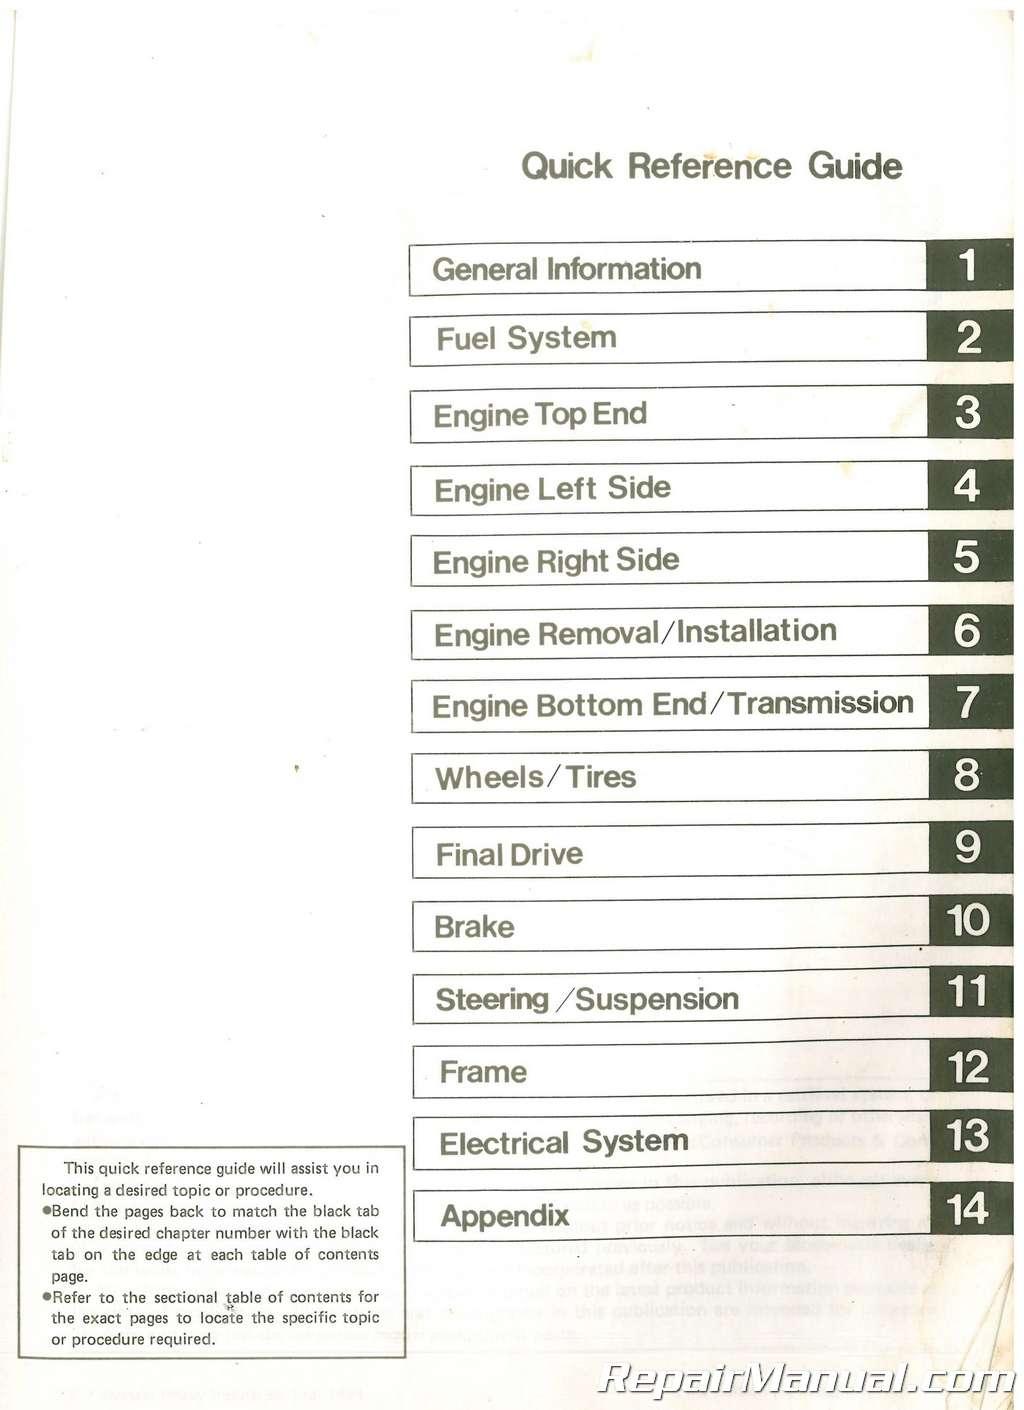 Used Klf A Bayou Atv Kawasaki Service Manual on Used Kawasaki Bayou Parts